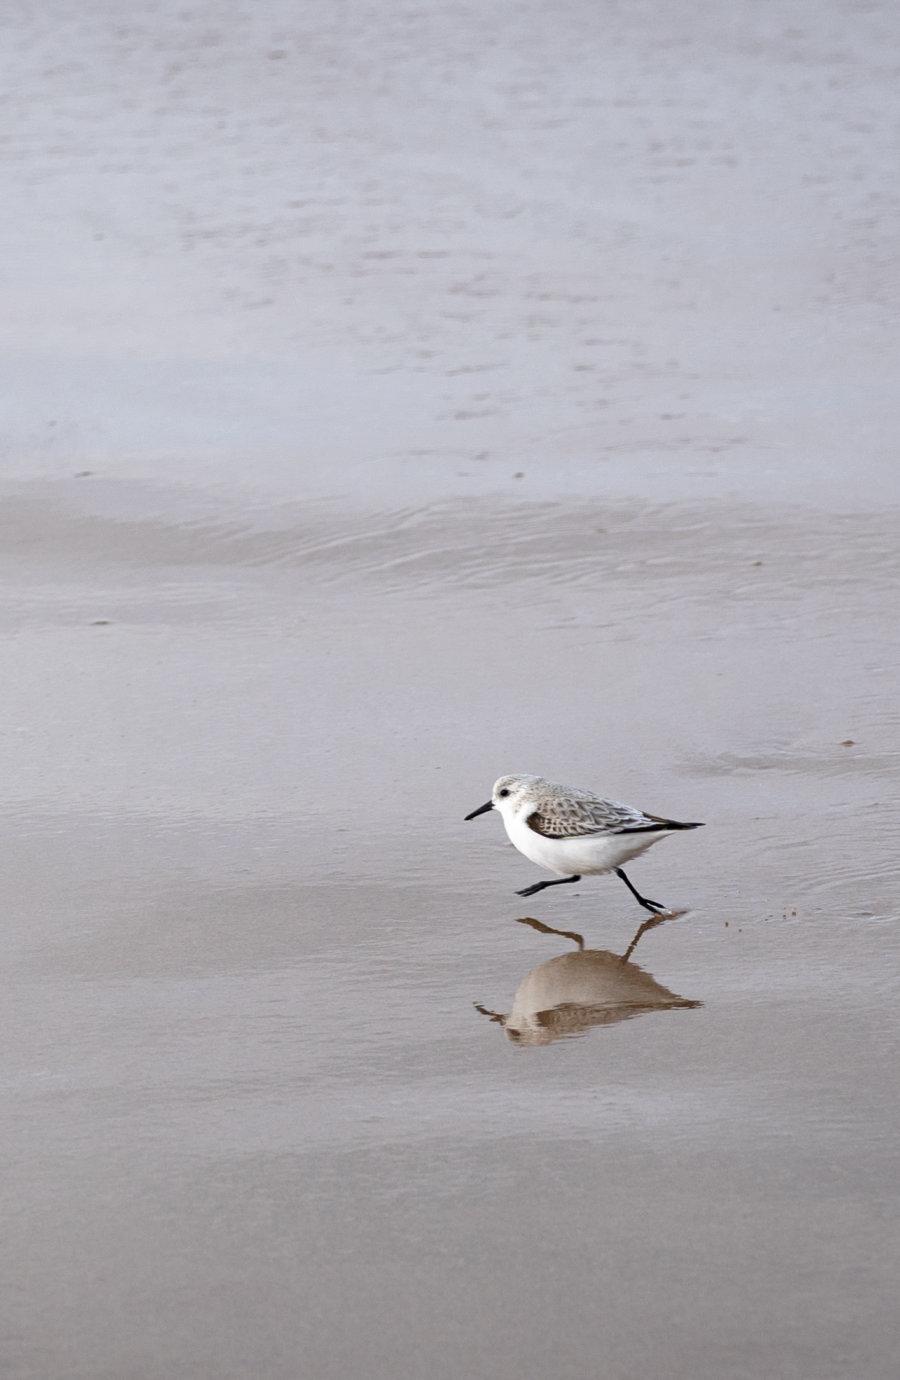 Bécasseau sur la praia do guincho